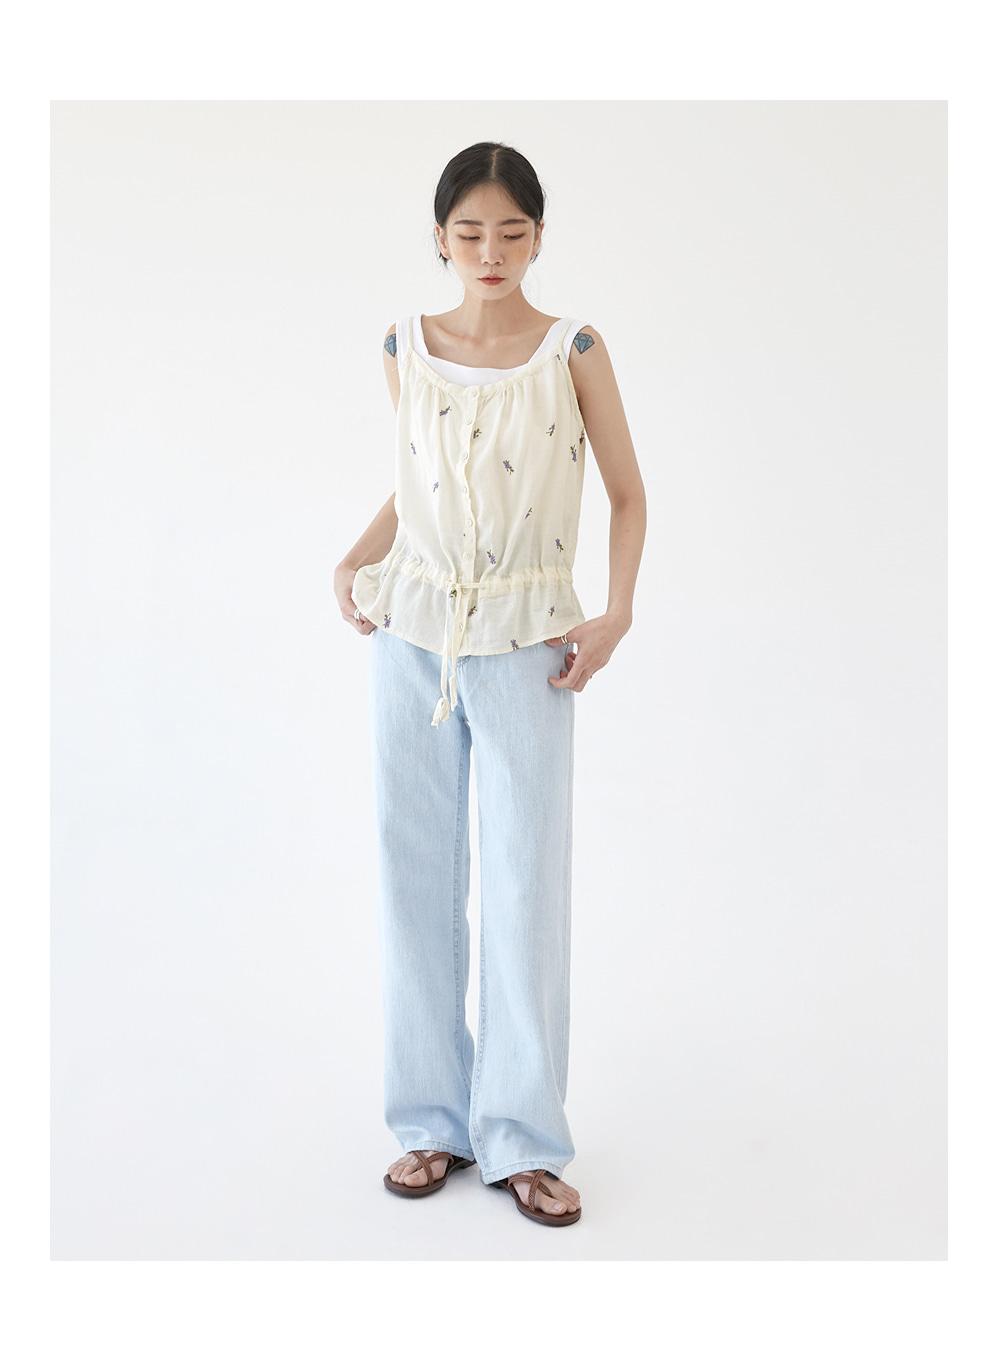 basic keep denim pants (s, m, l)